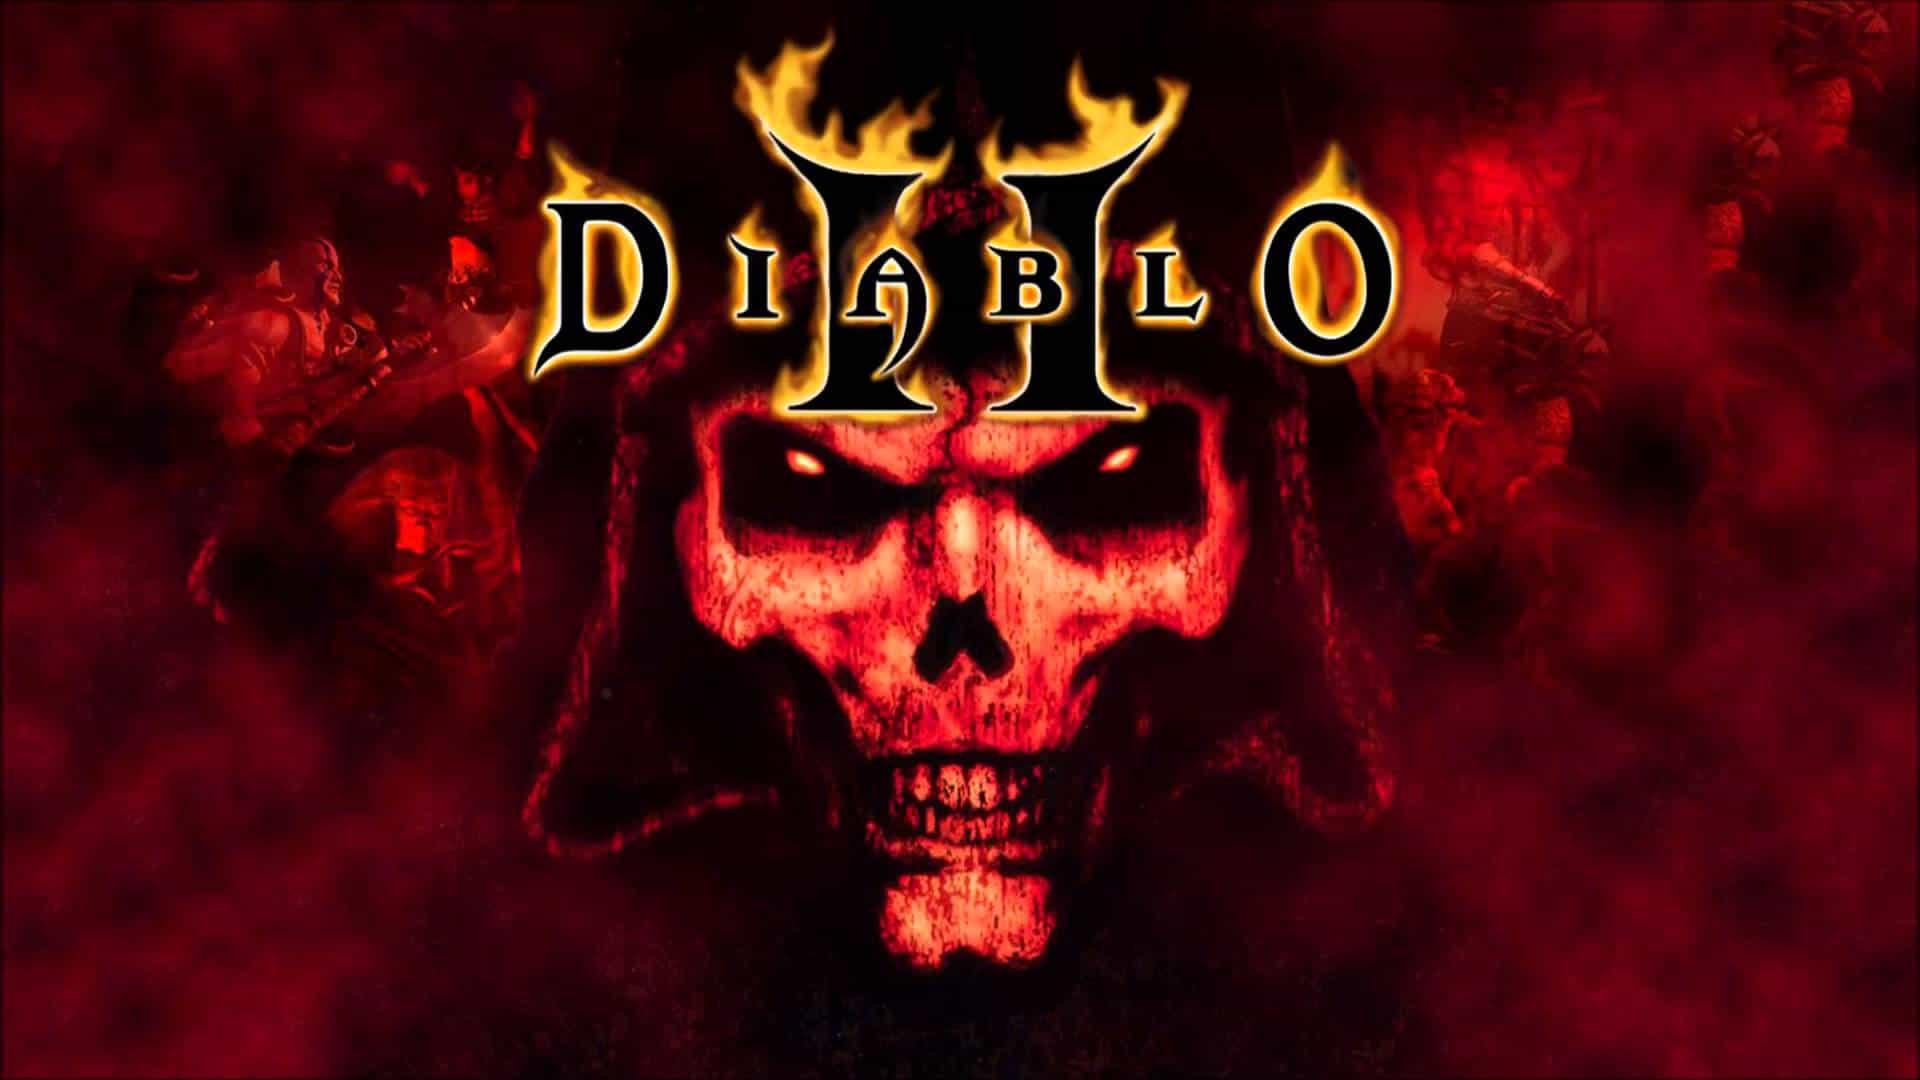 原作开发人员谈《暗黑破坏神2重制版》:想要用现代游戏引擎还原暗黑2氛围太难